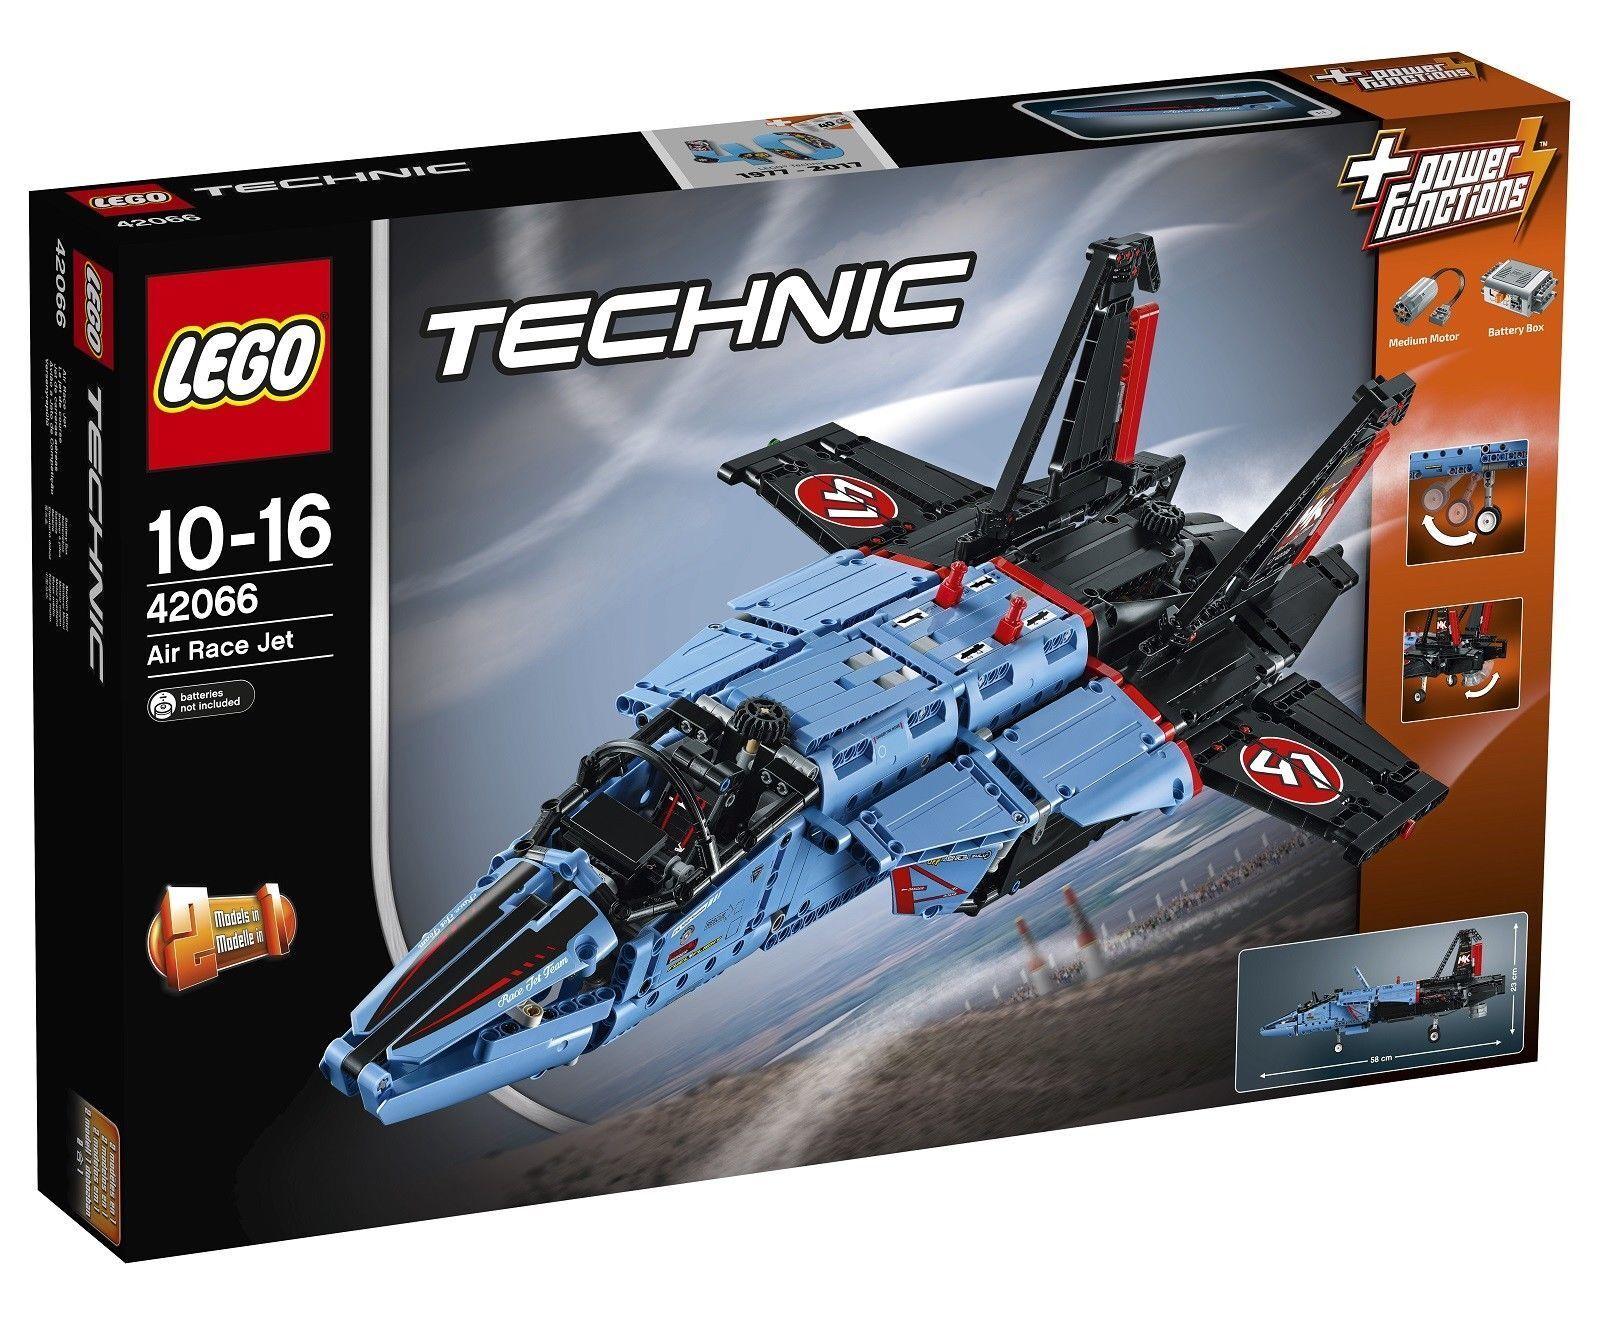 LEGO TECHNIC Air Race Jet 2017 (42066) - Brand New retraité